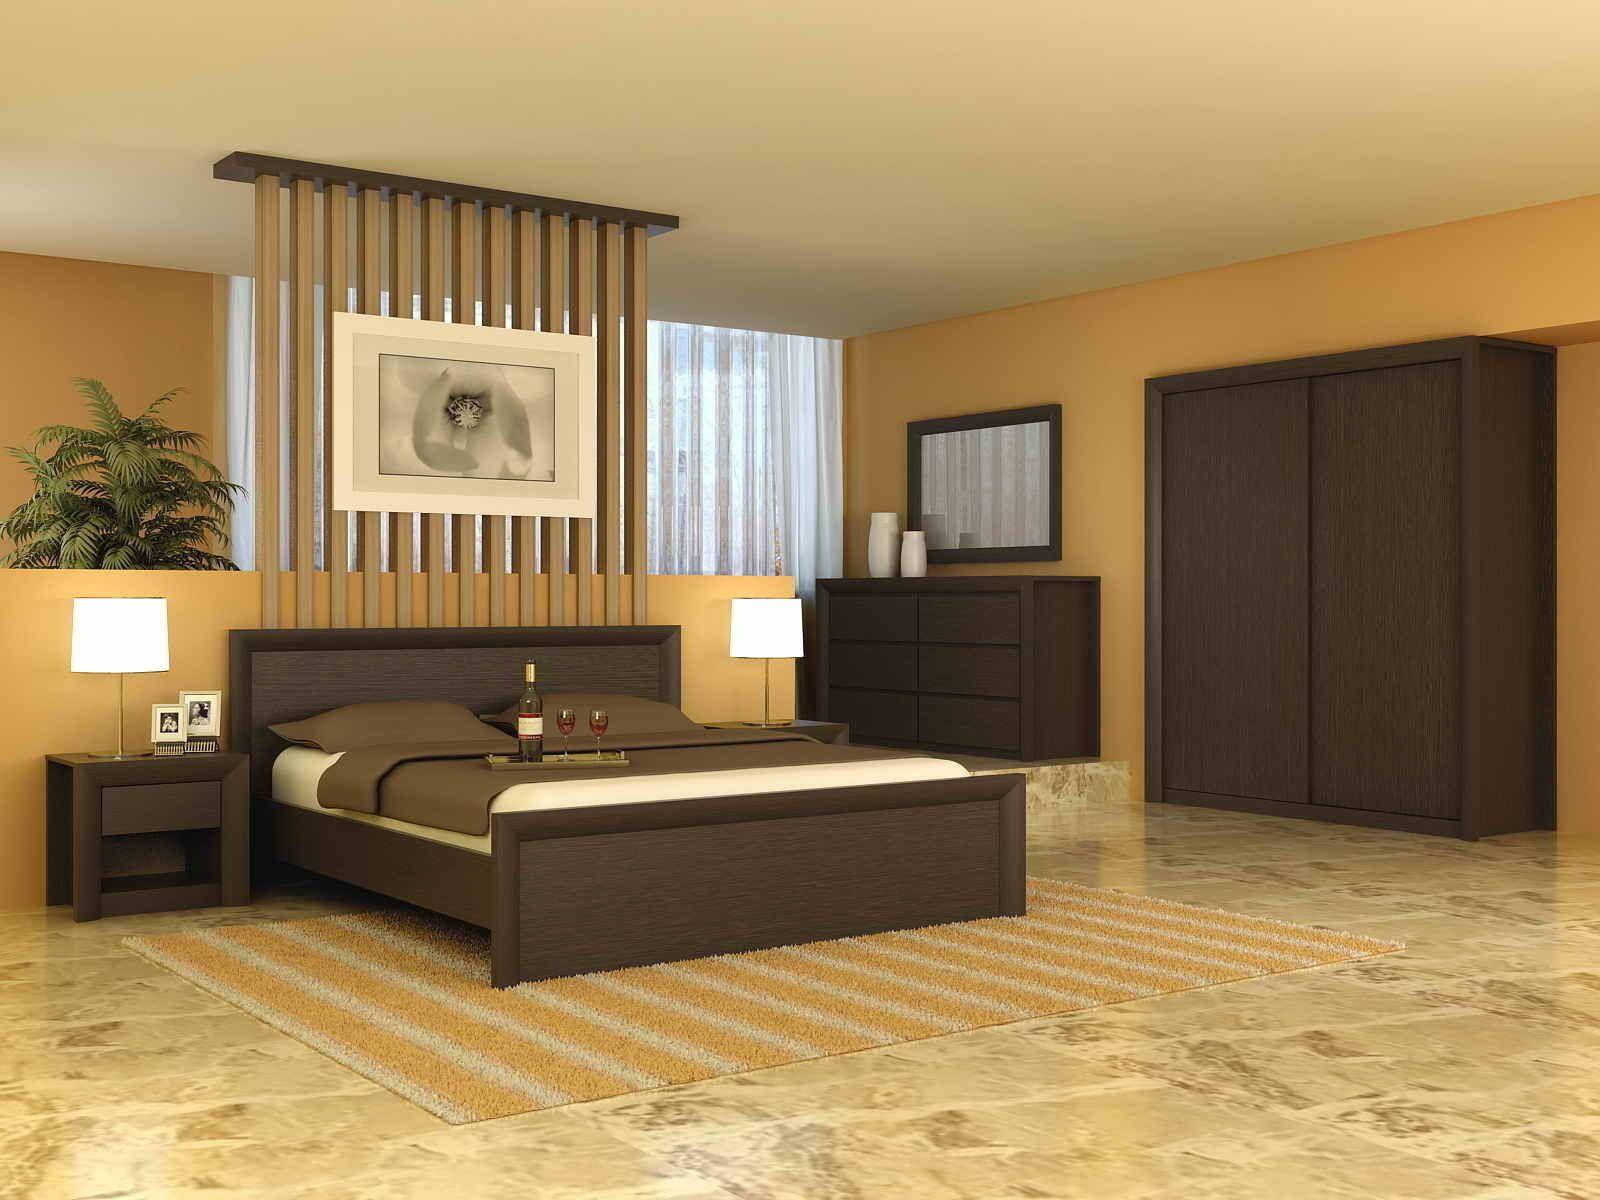 Innen Designs Für Die Schlafzimmer #Badezimmer #Büromöbel #Couchtisch #Deko  Ideen #Gartenmöbel